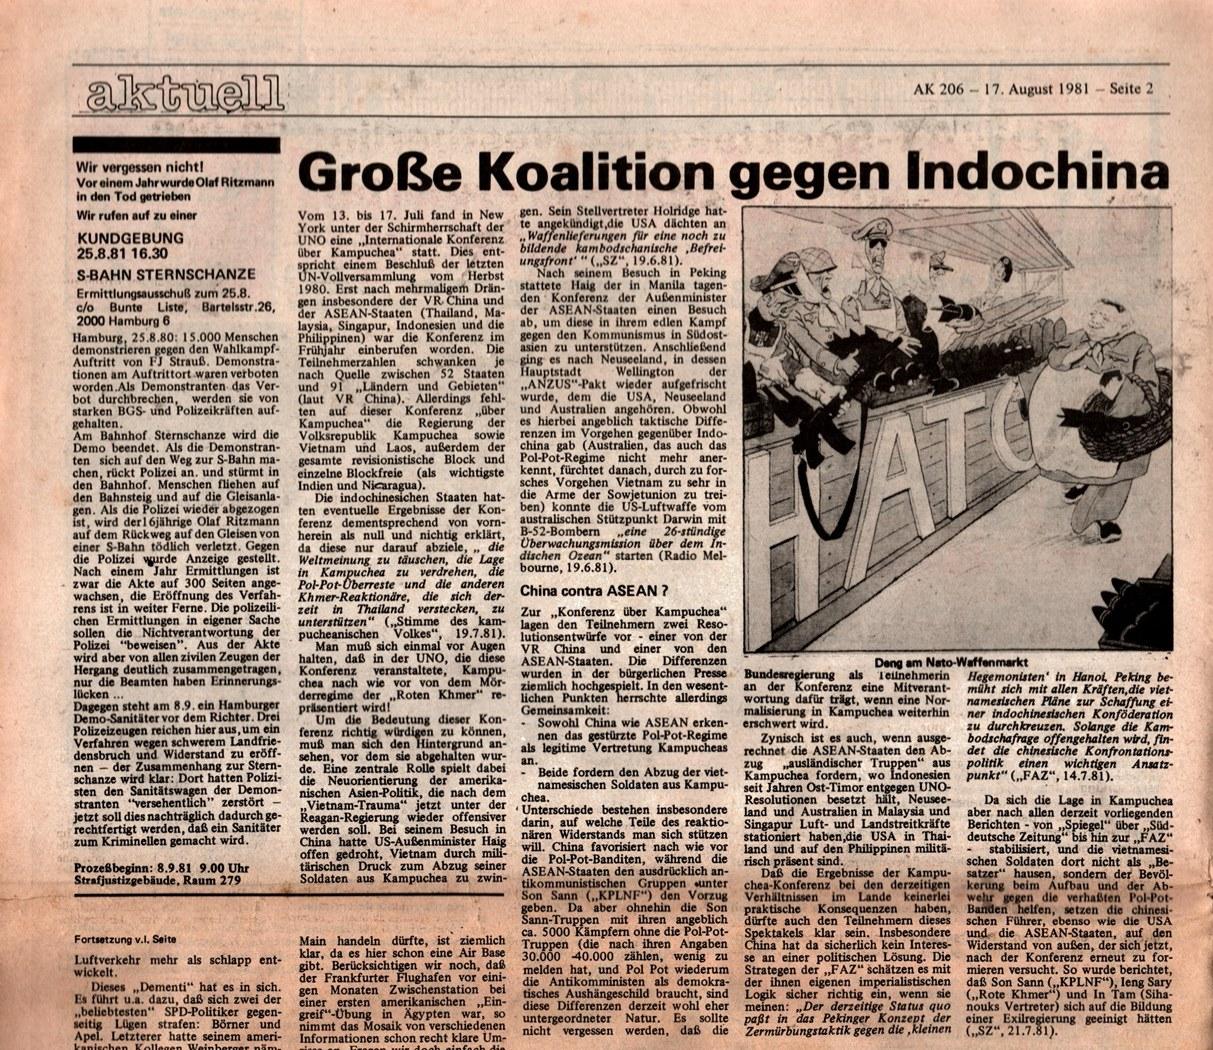 KB_AK_1981_206_003